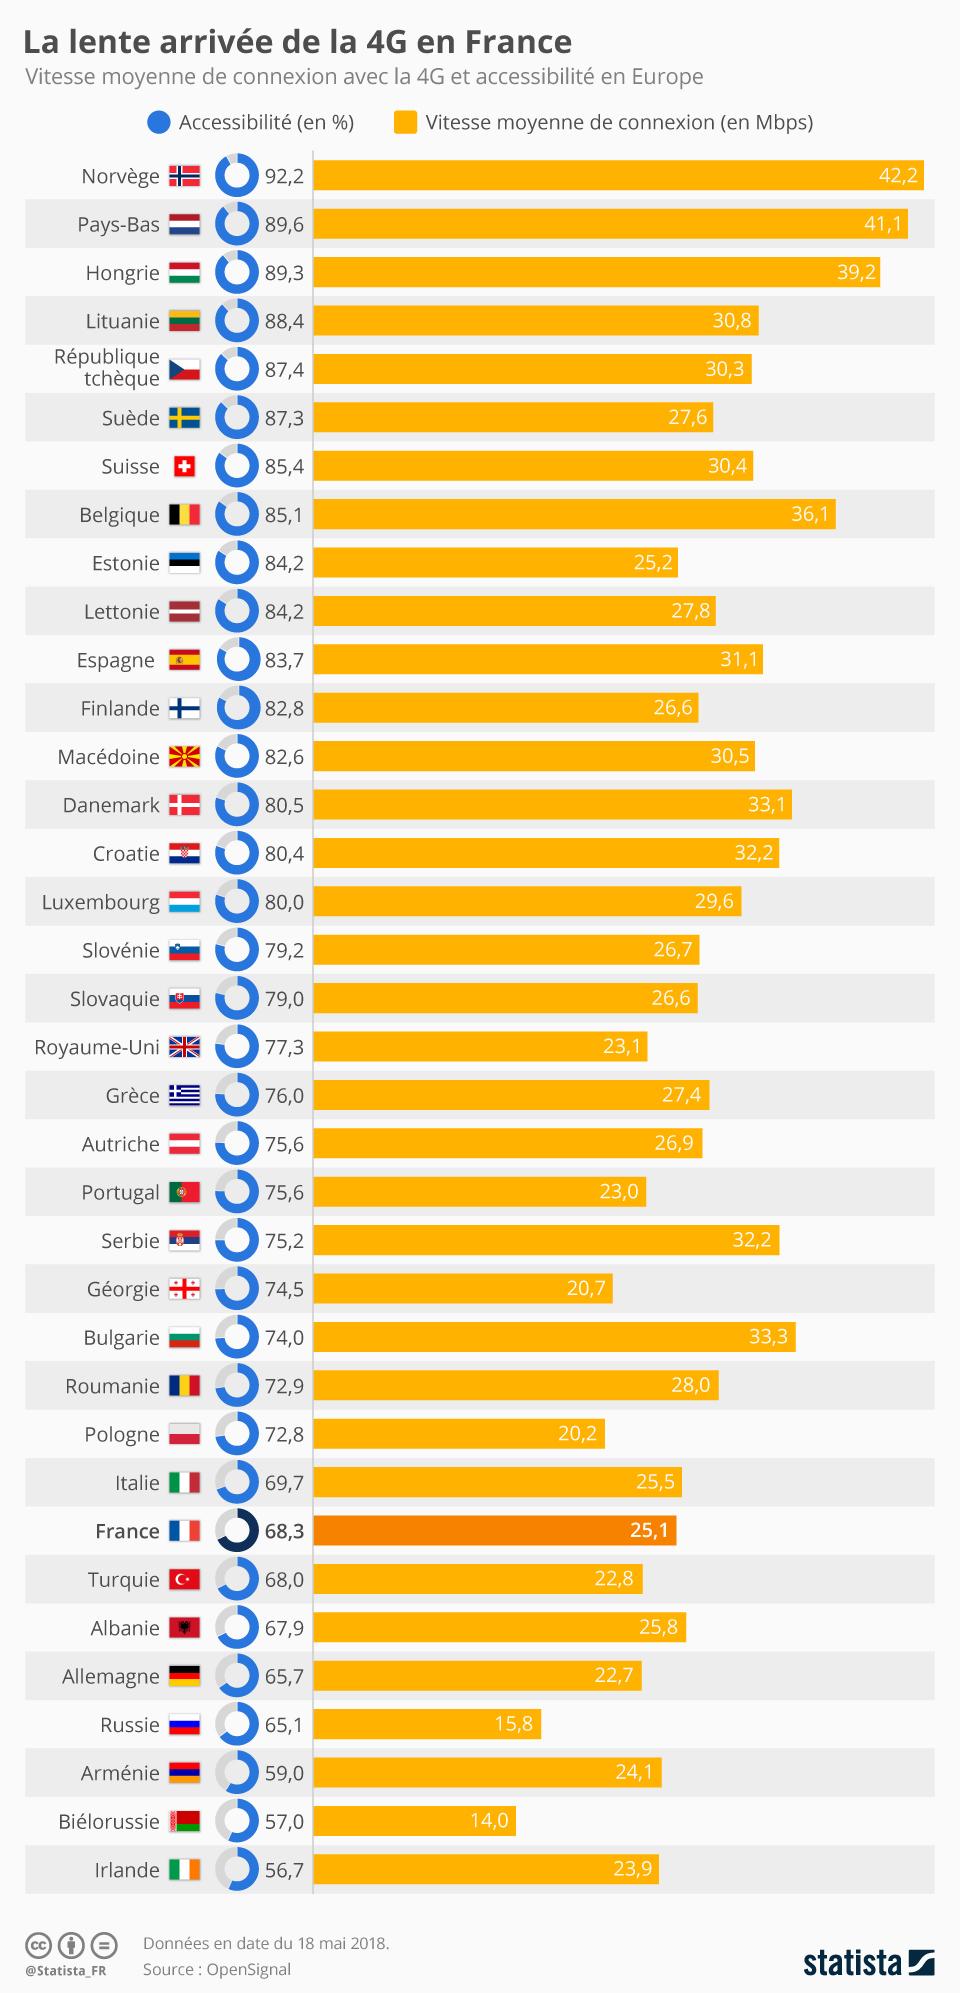 Infographie: La lente arrivée de la 4G en France | Statista